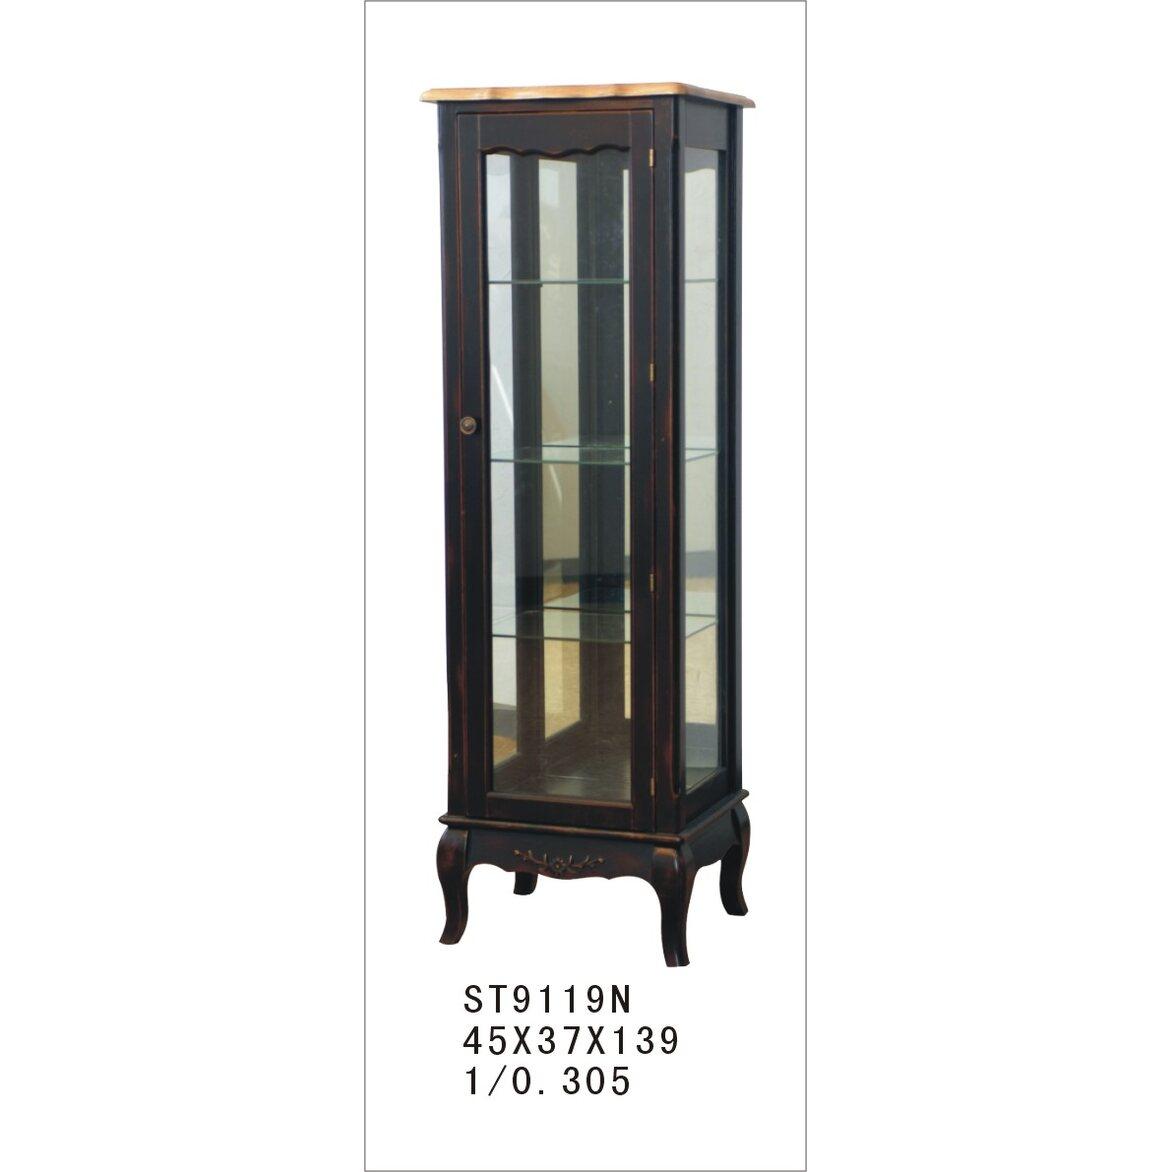 Стеклянная витрина на 3 полки (низкая) Leontina, черного цвета 5 | Витрины Kingsby